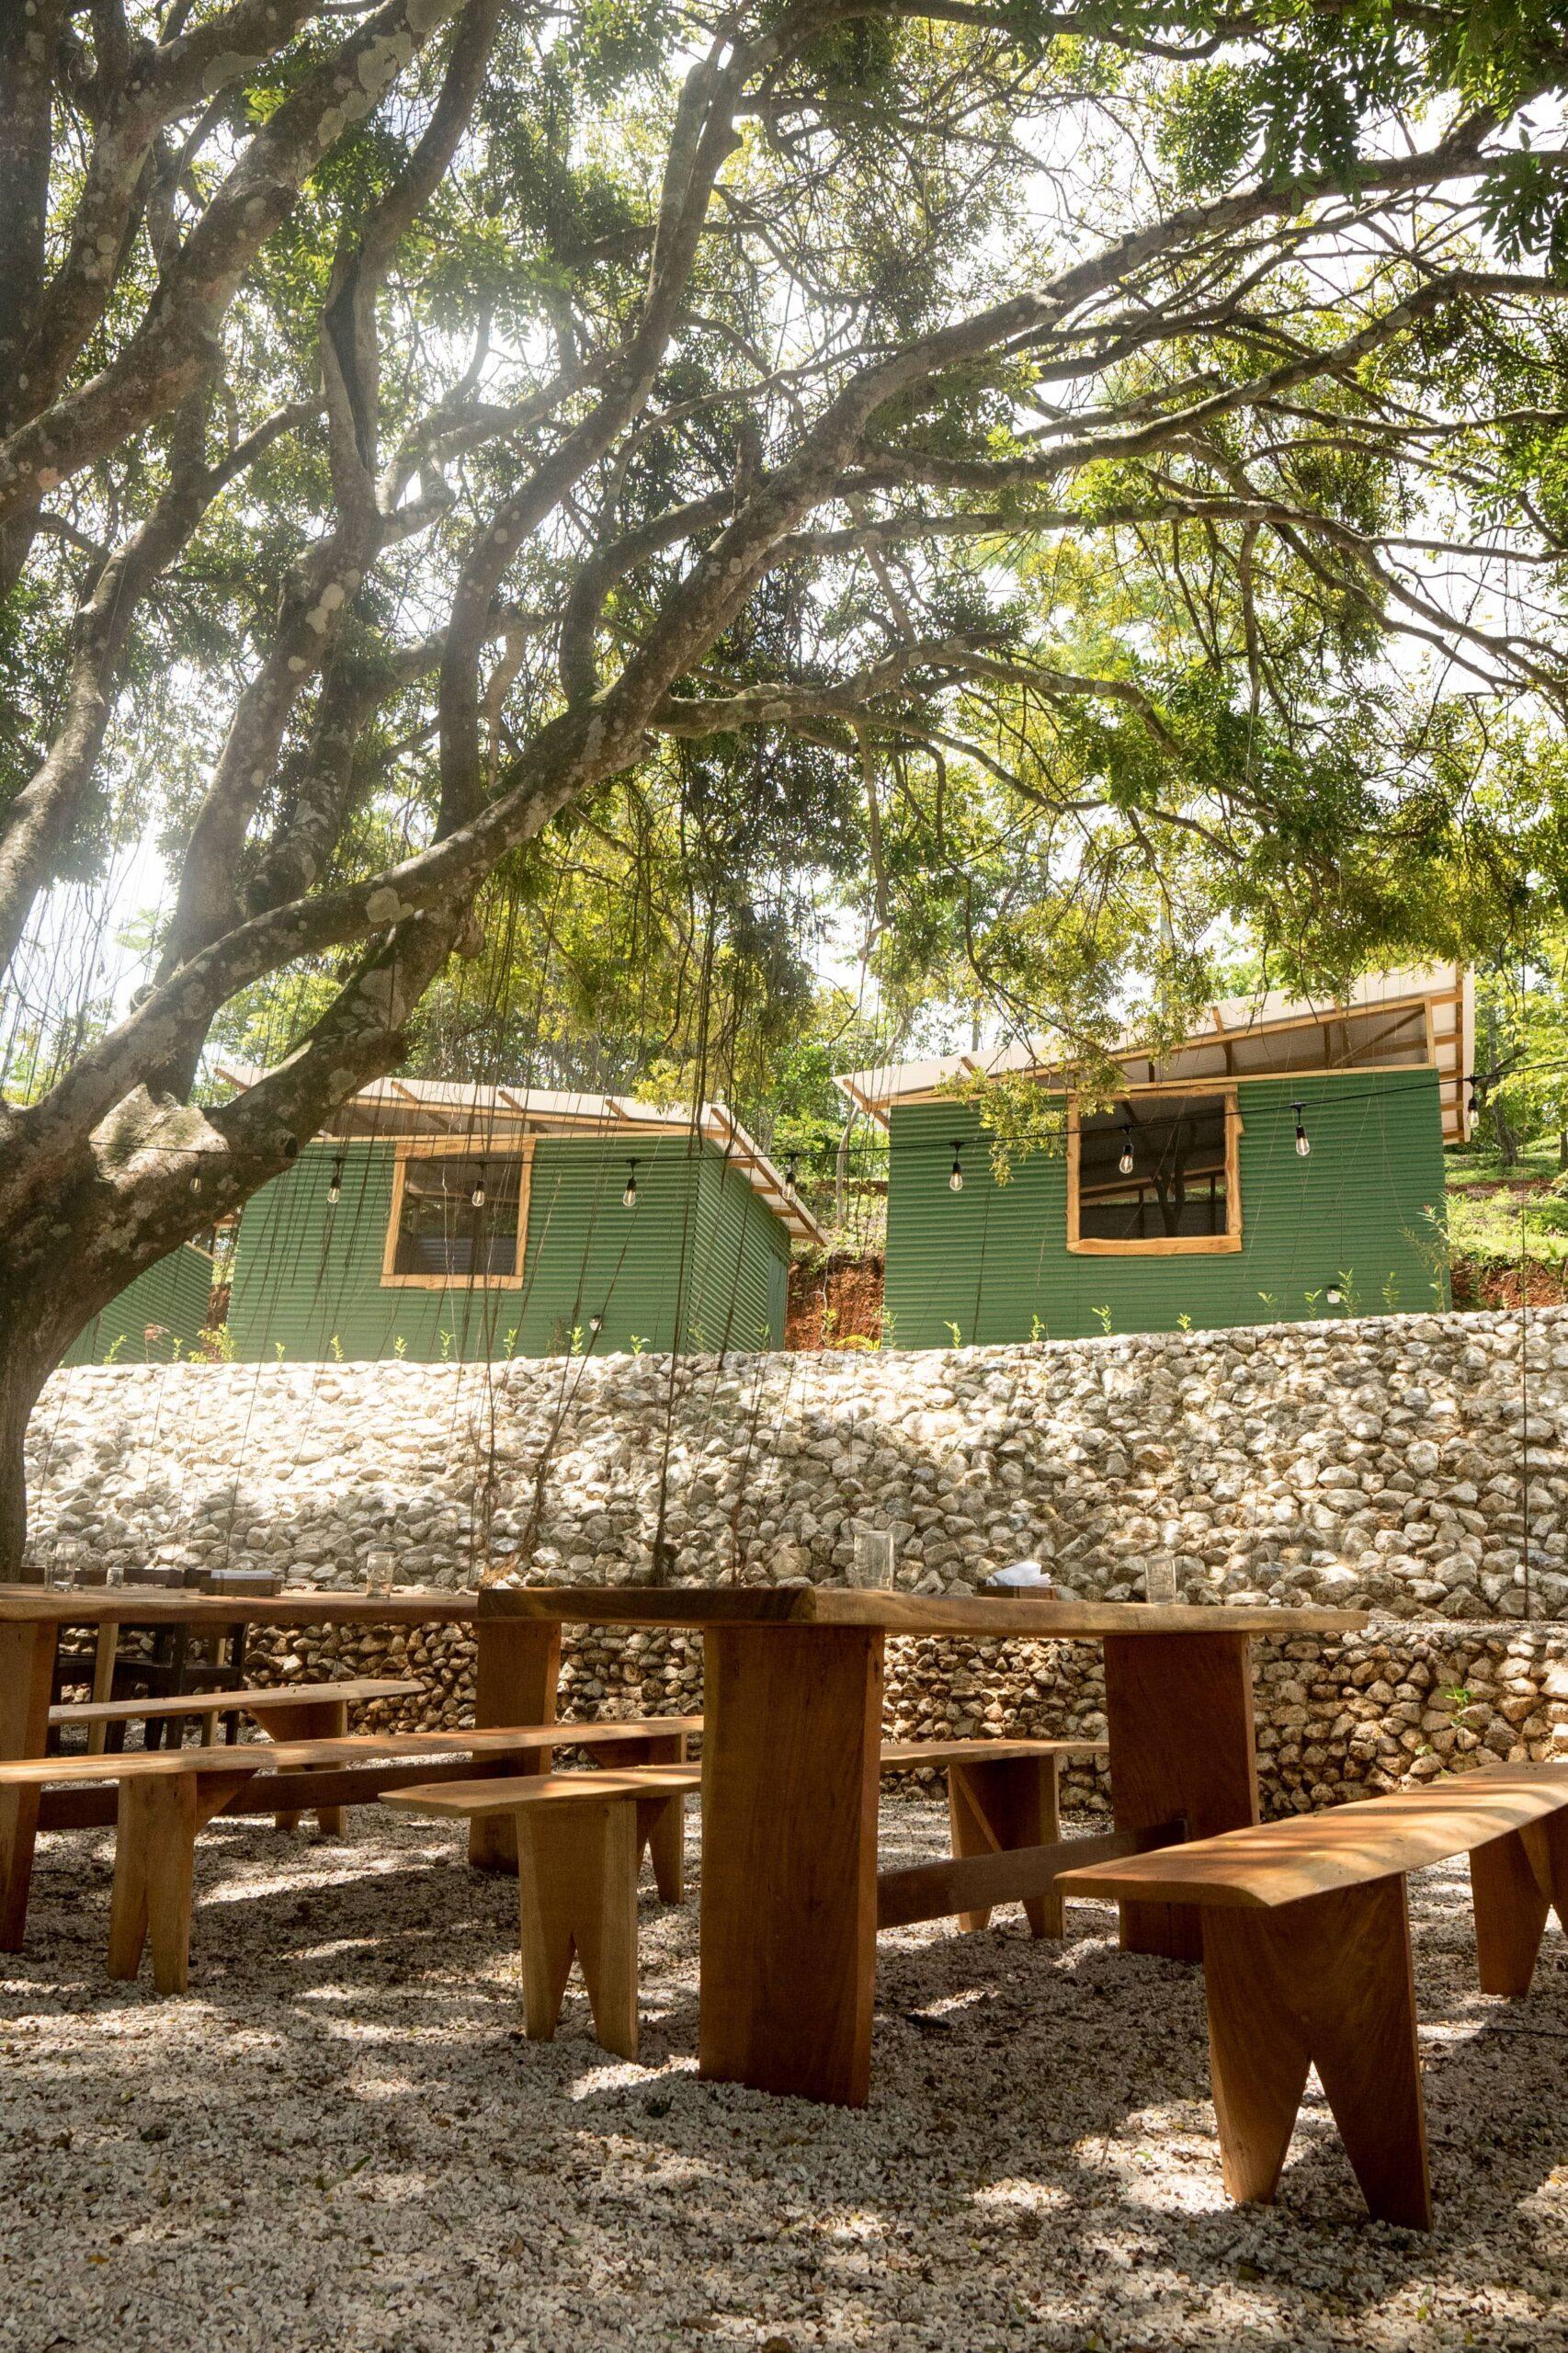 Eagle's Nest dining area